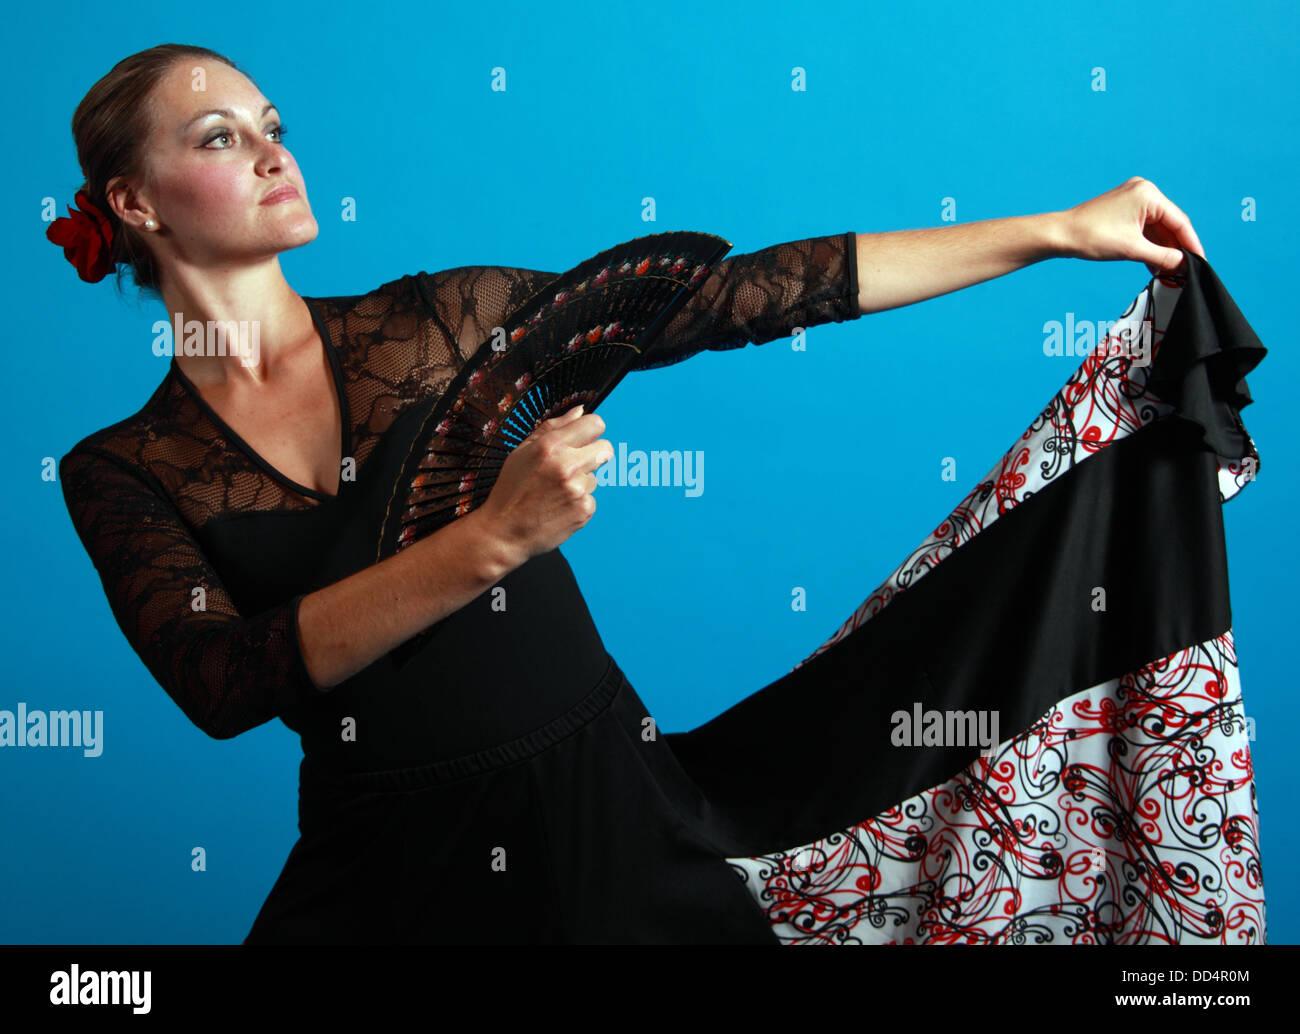 Laden Sie dieses Alamy Stockfoto Flamenco Tanz bewegt, Dame in einem schwarzen Kleid mit Ventilator - DD4R0M